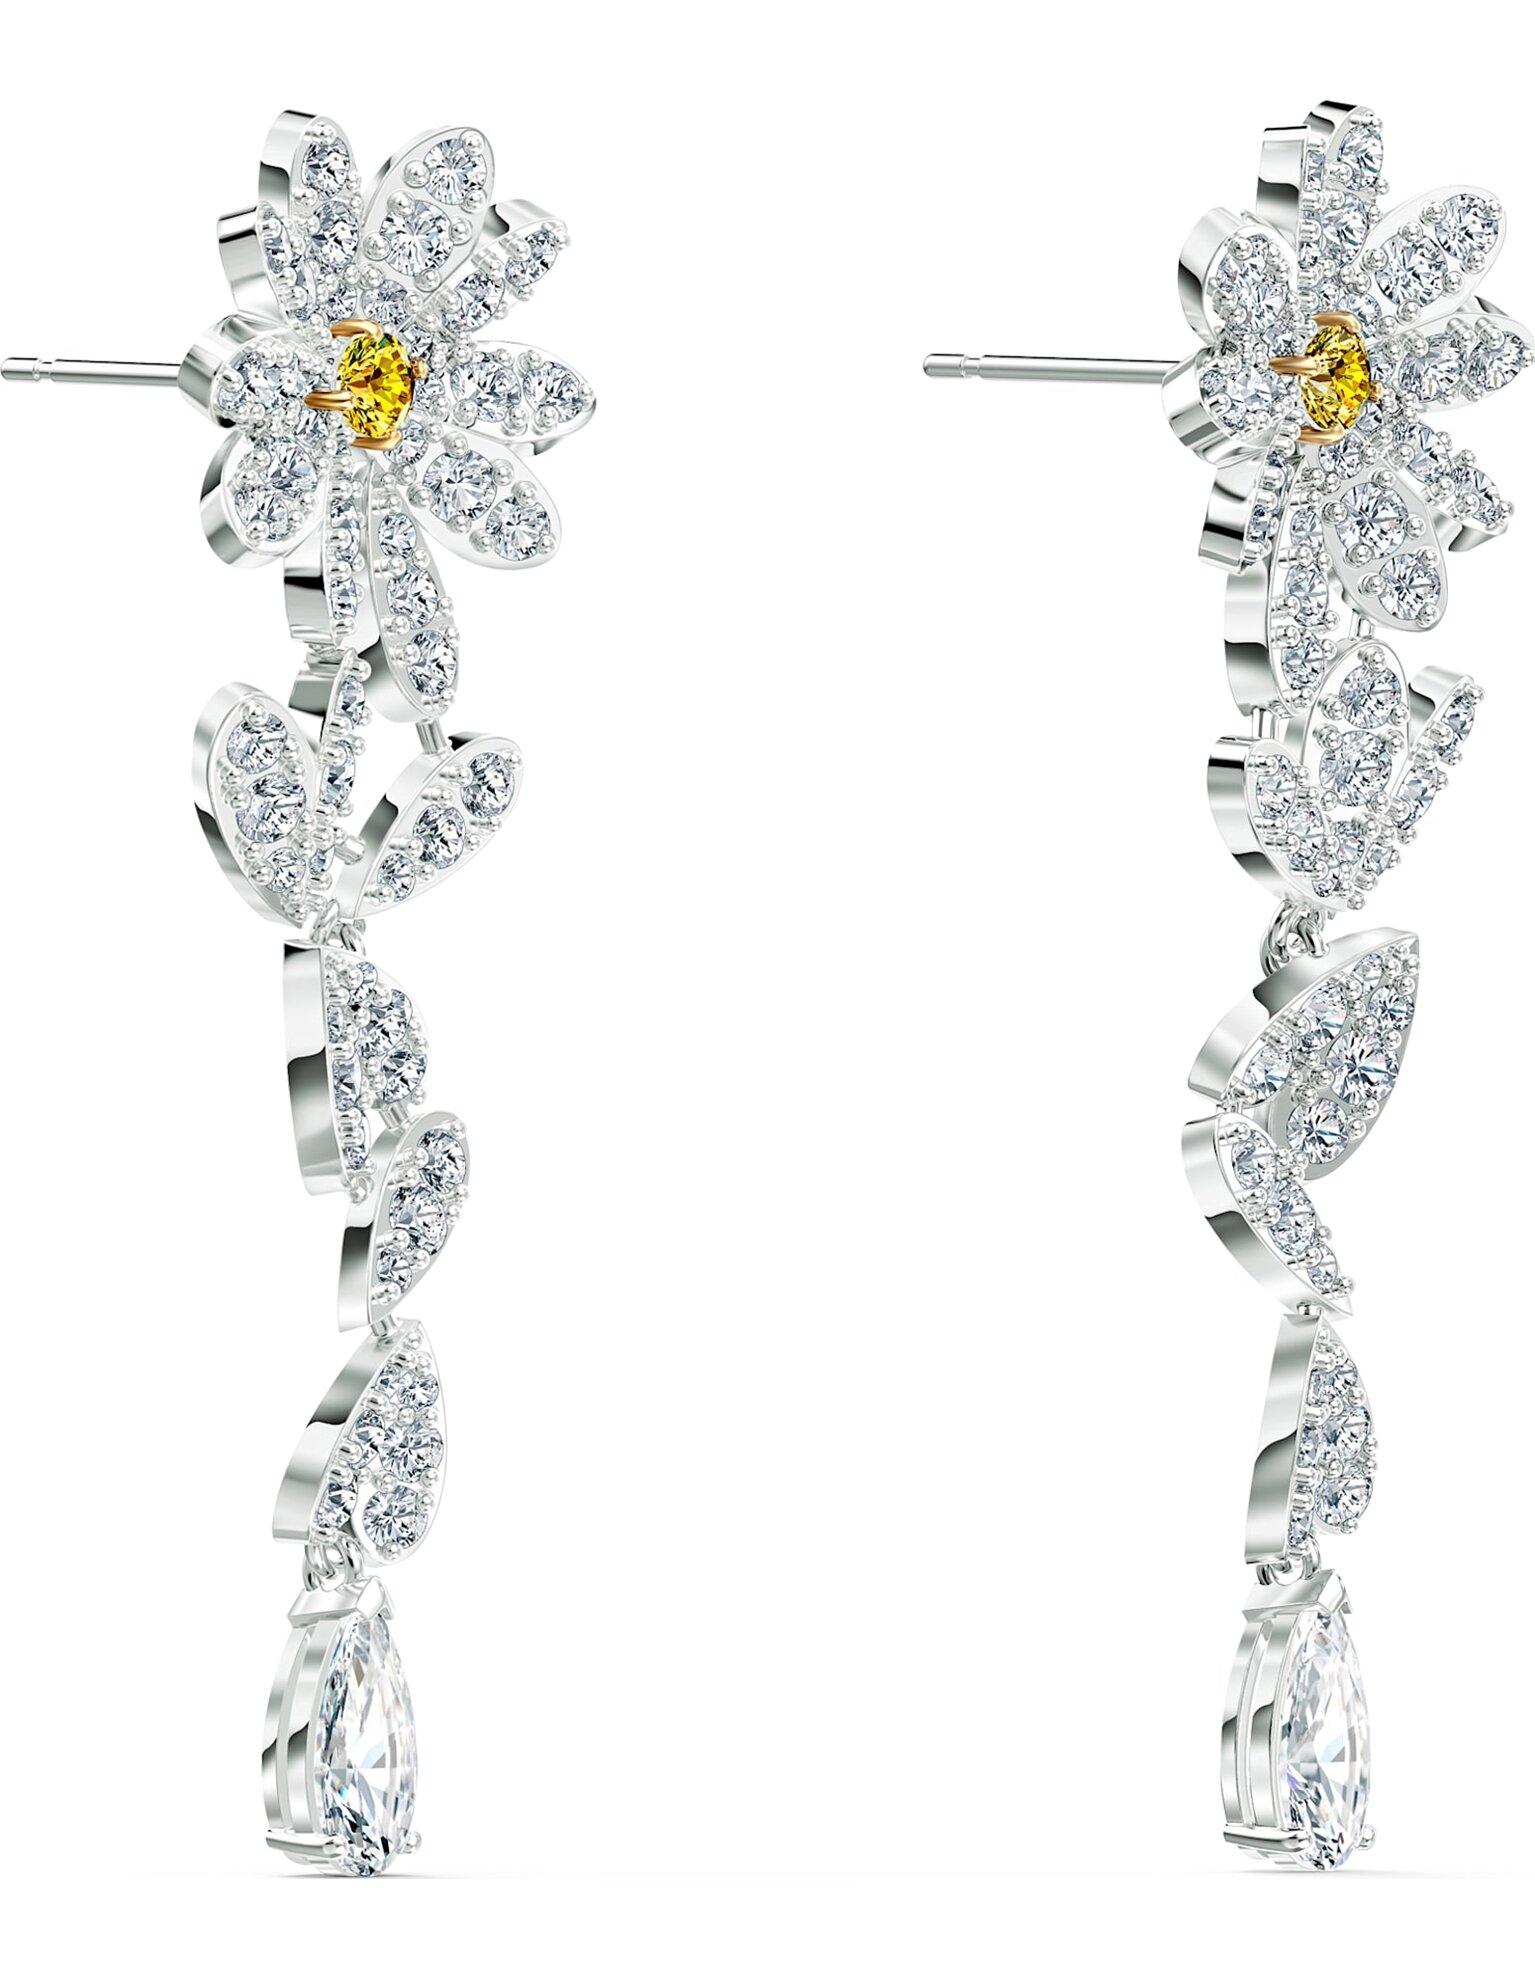 Picture of Eternal Flower İğneli Küpeler, Sarı, Karışık metal